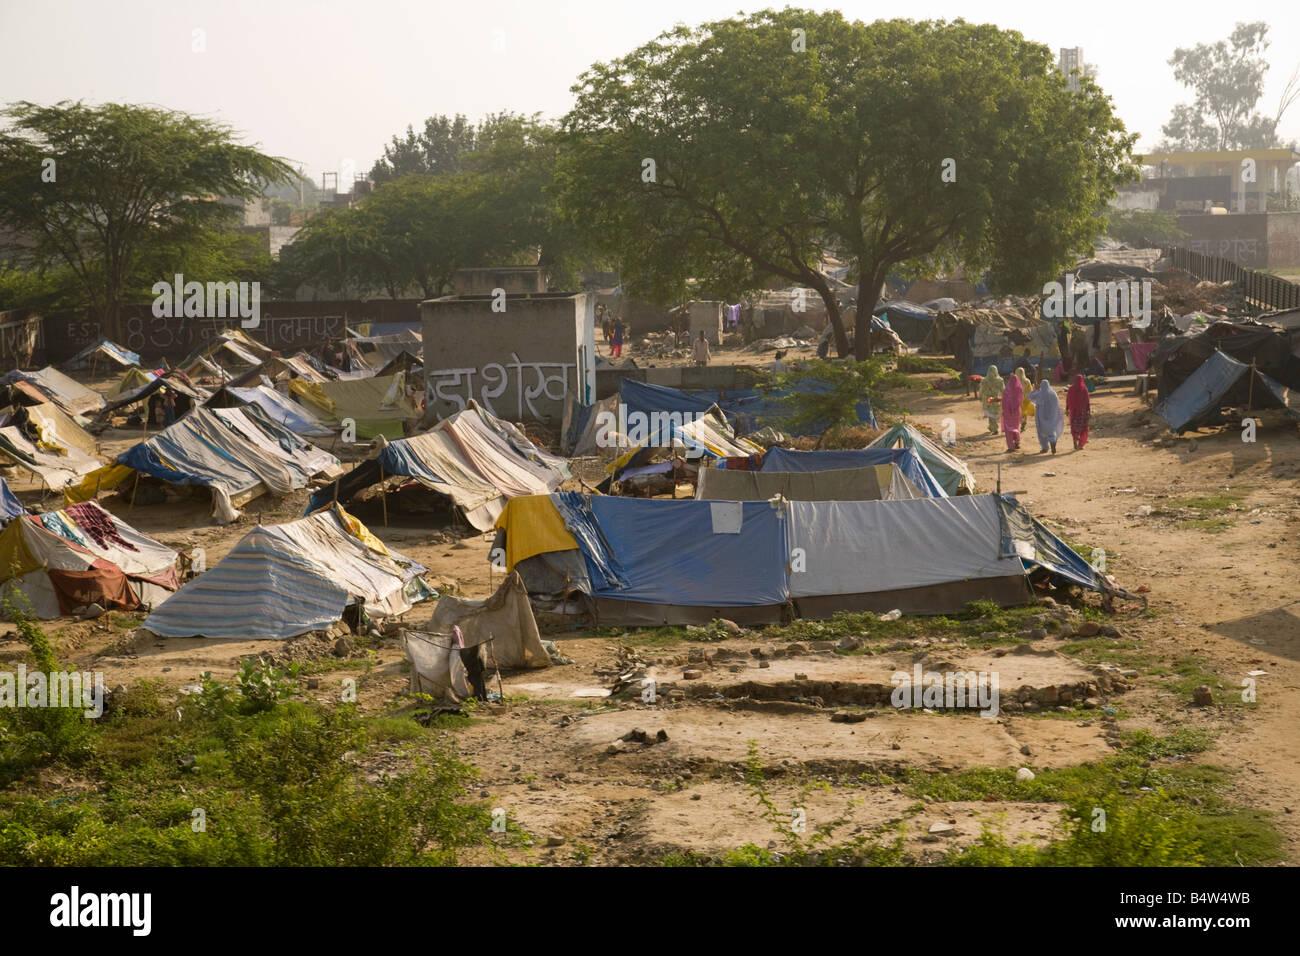 Las personas que viven en barrios de tugurios - tented aldea en los suburbios de Nueva Delhi, India, Asia Imagen De Stock